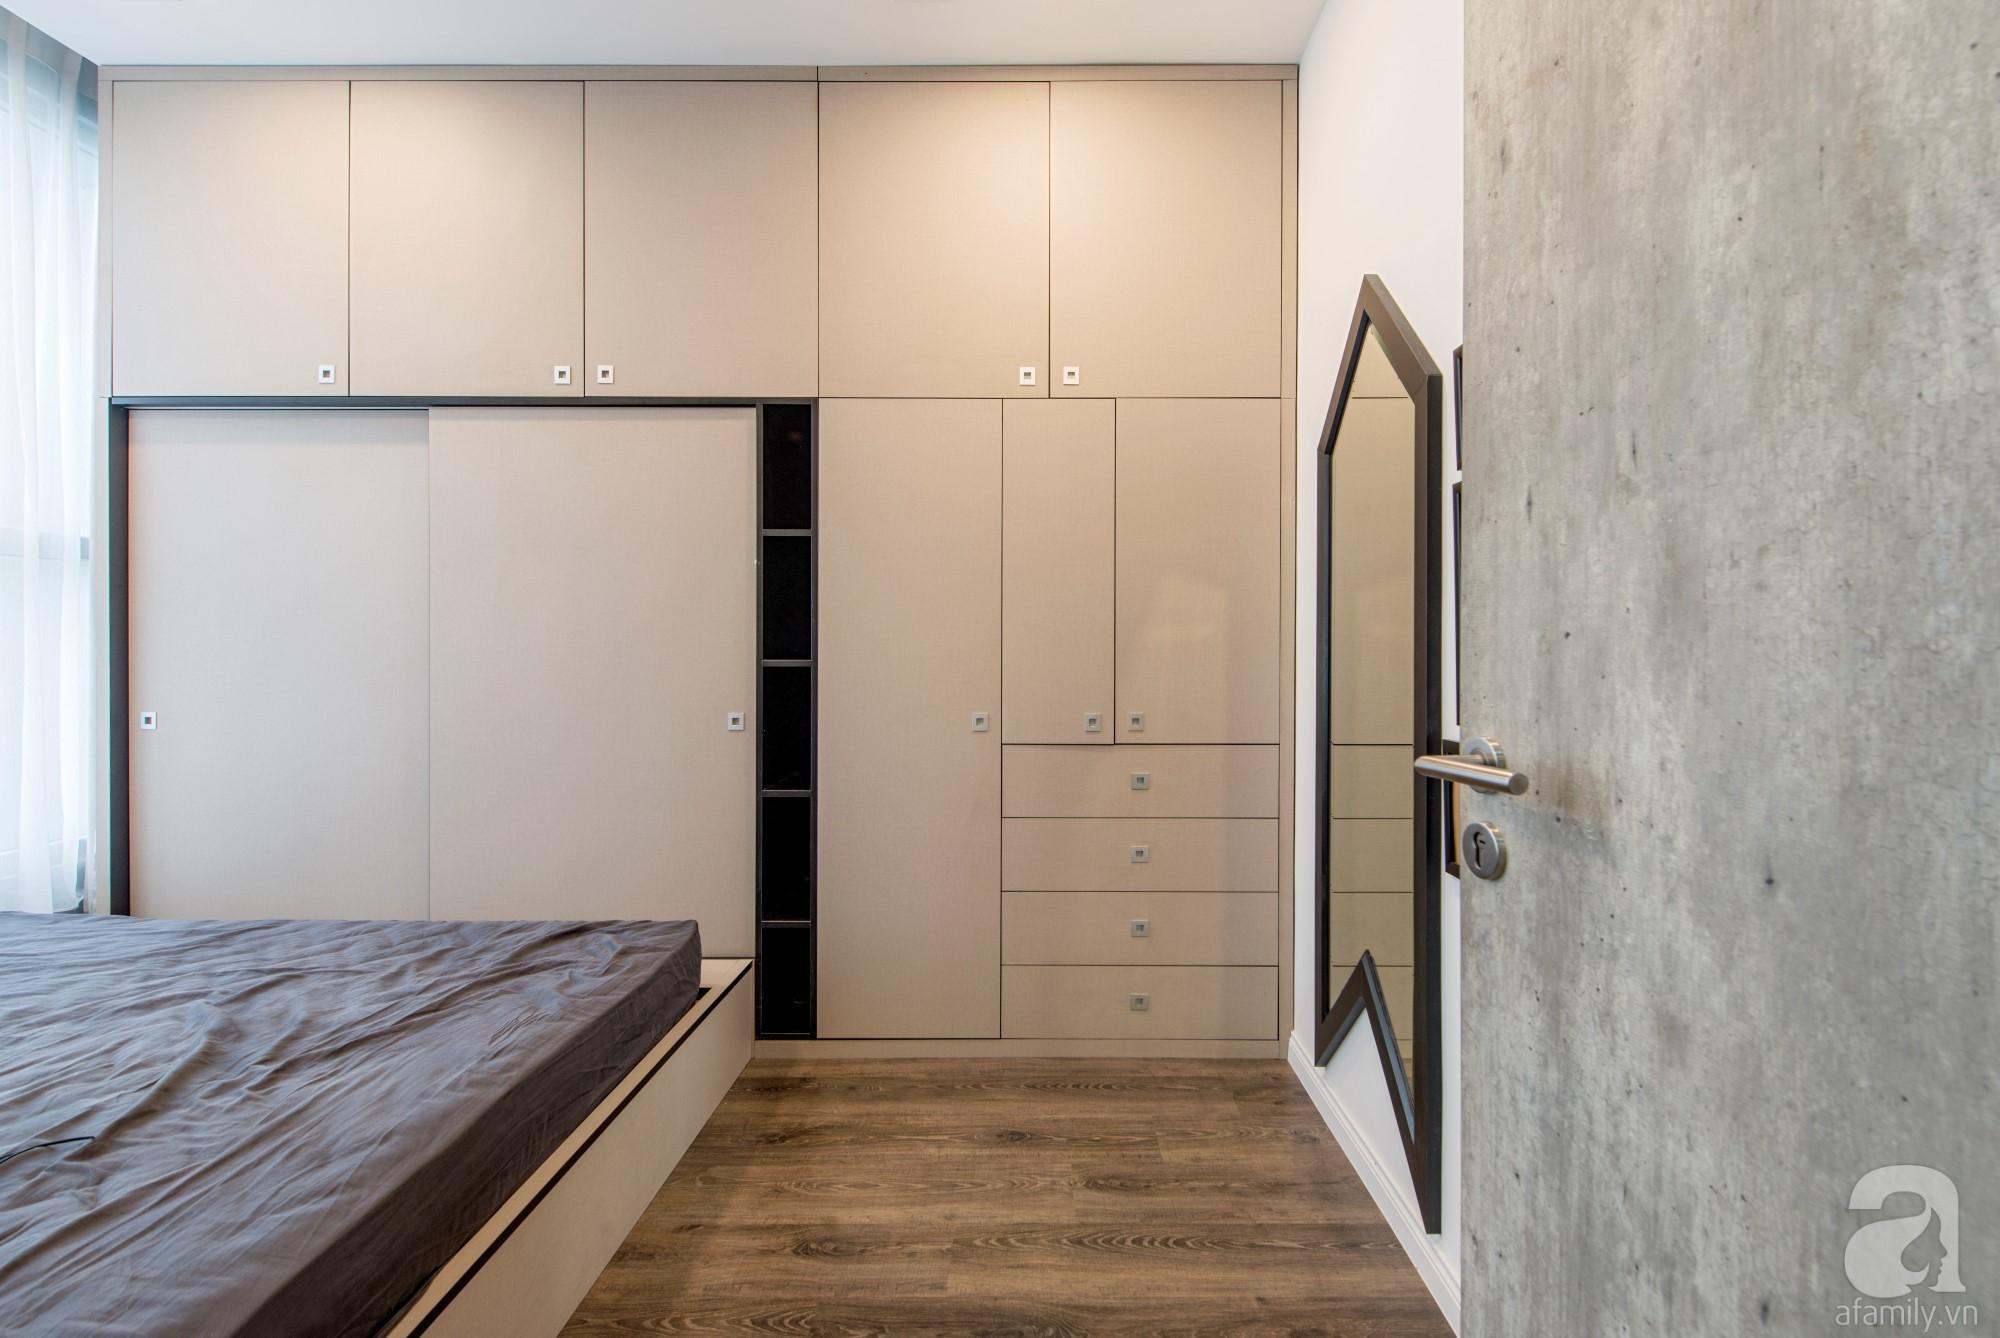 Căn hộ 80m² trên tầng 21 đẹp độc đáo với chi phí cải tạo 780 triệu đồng của chủ nhà yêu cây xanh - Ảnh 10.